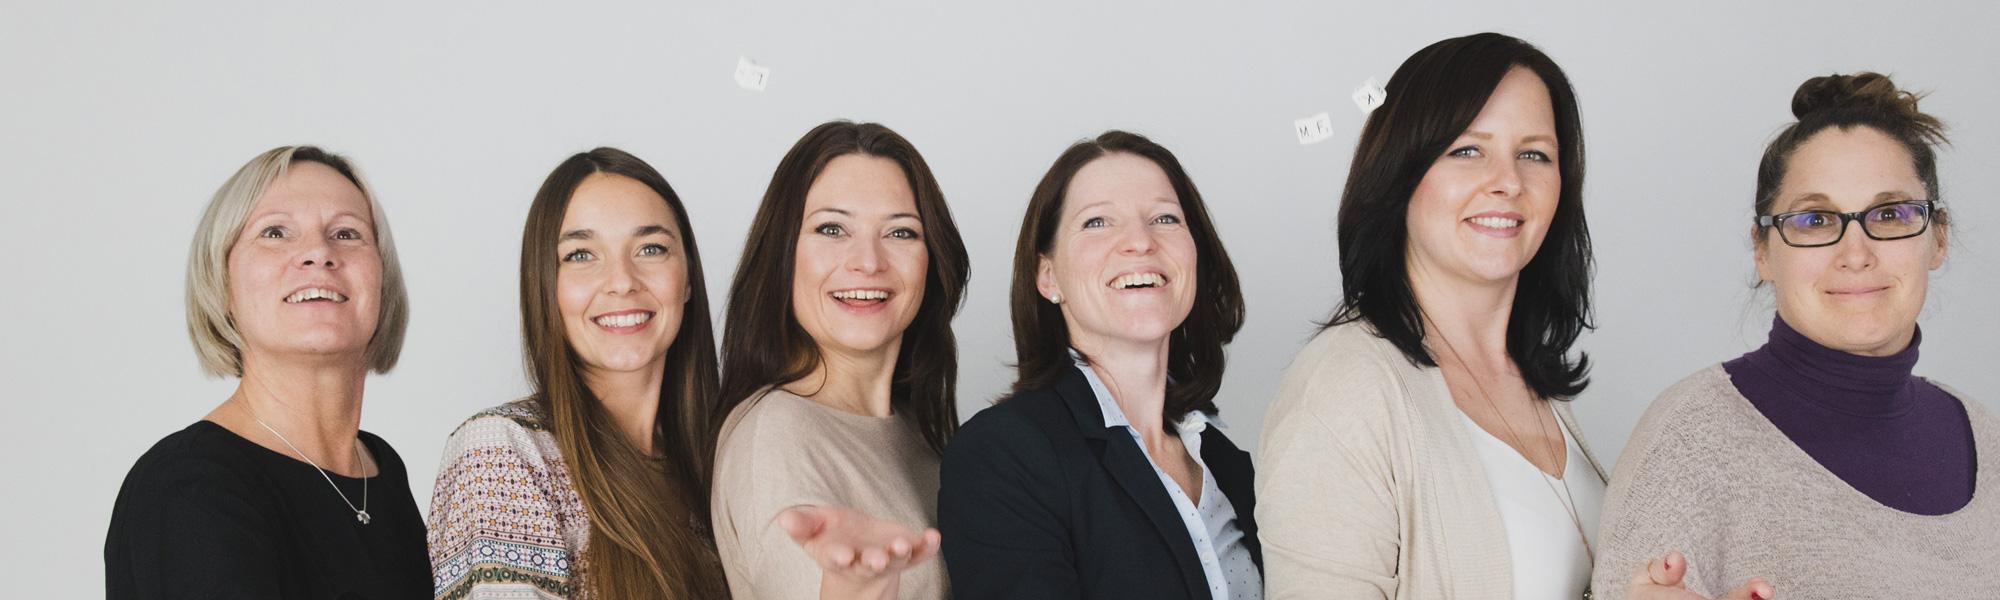 Praxis Heilpädagogik Nicole Schneider - Lernen Sie uns kennen